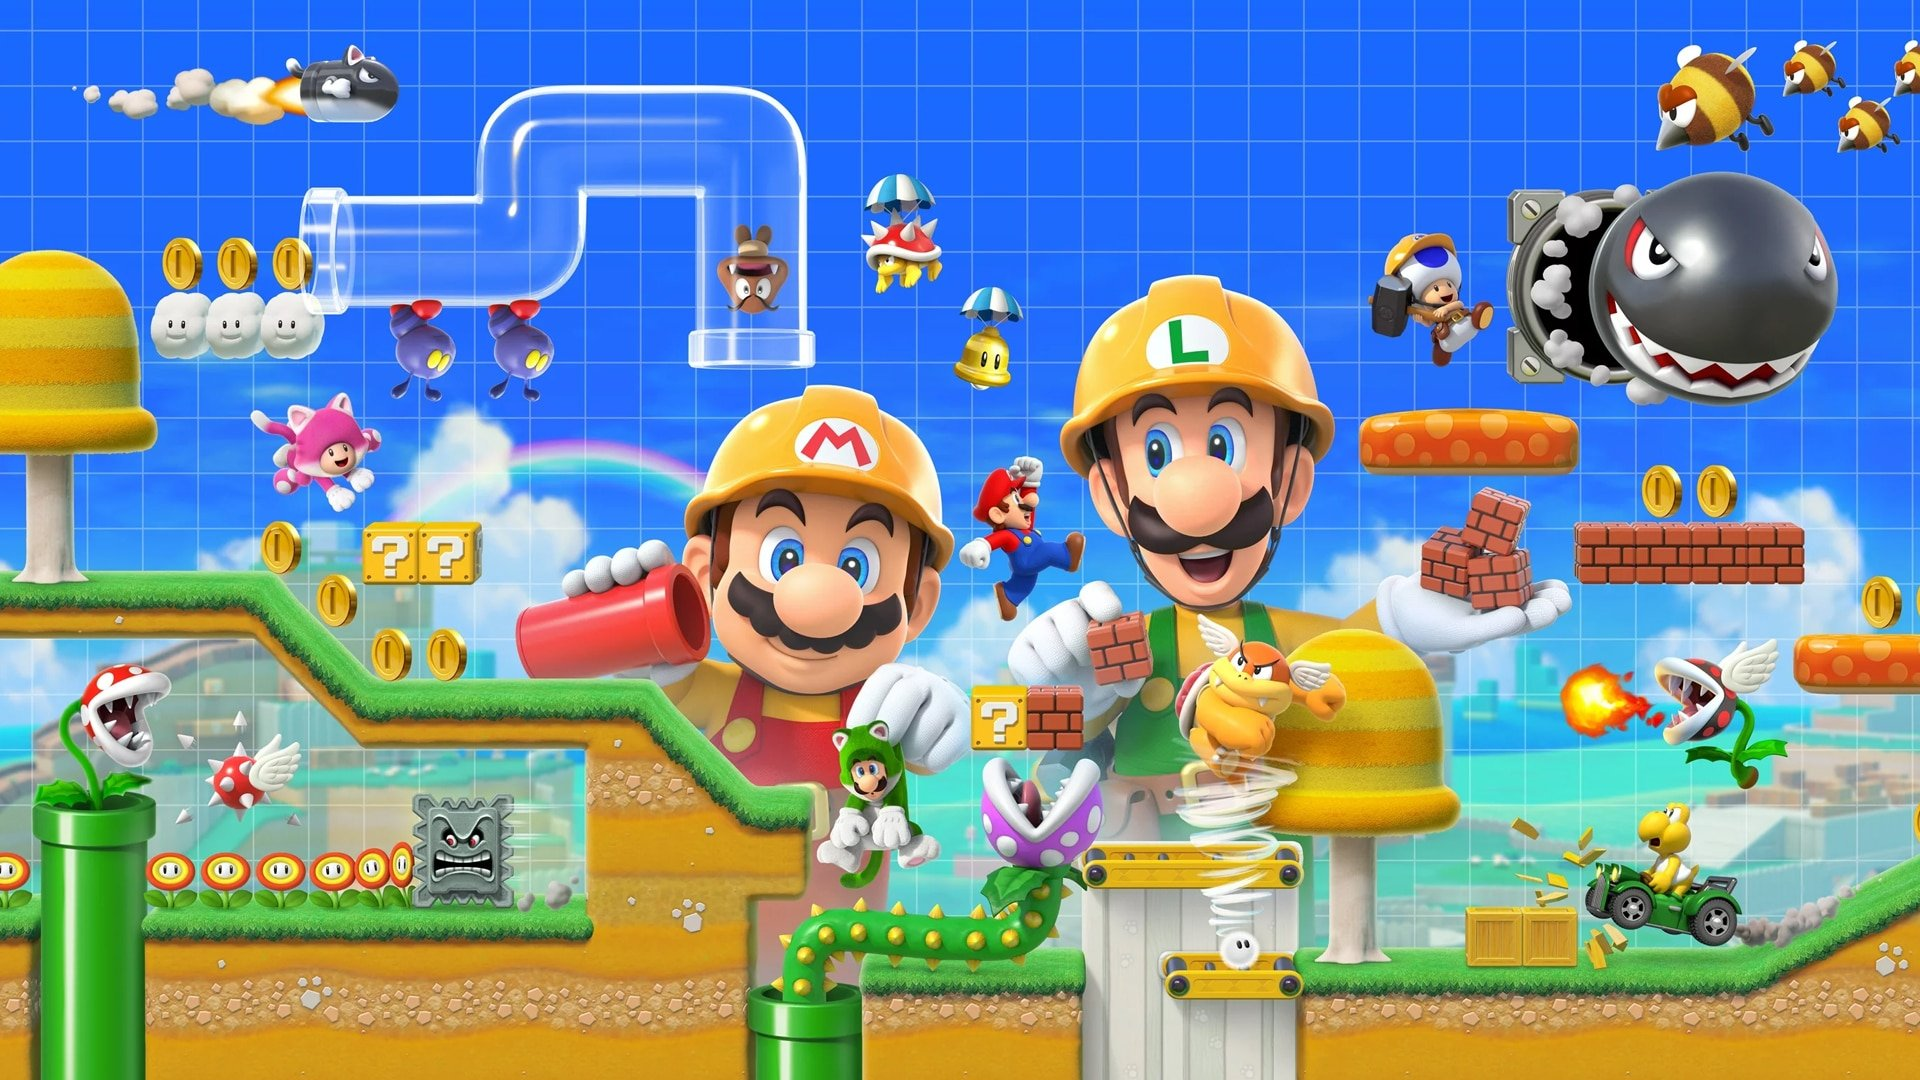 Where Is The Poison Mushroom In Super Mario Maker 2 Shacknews